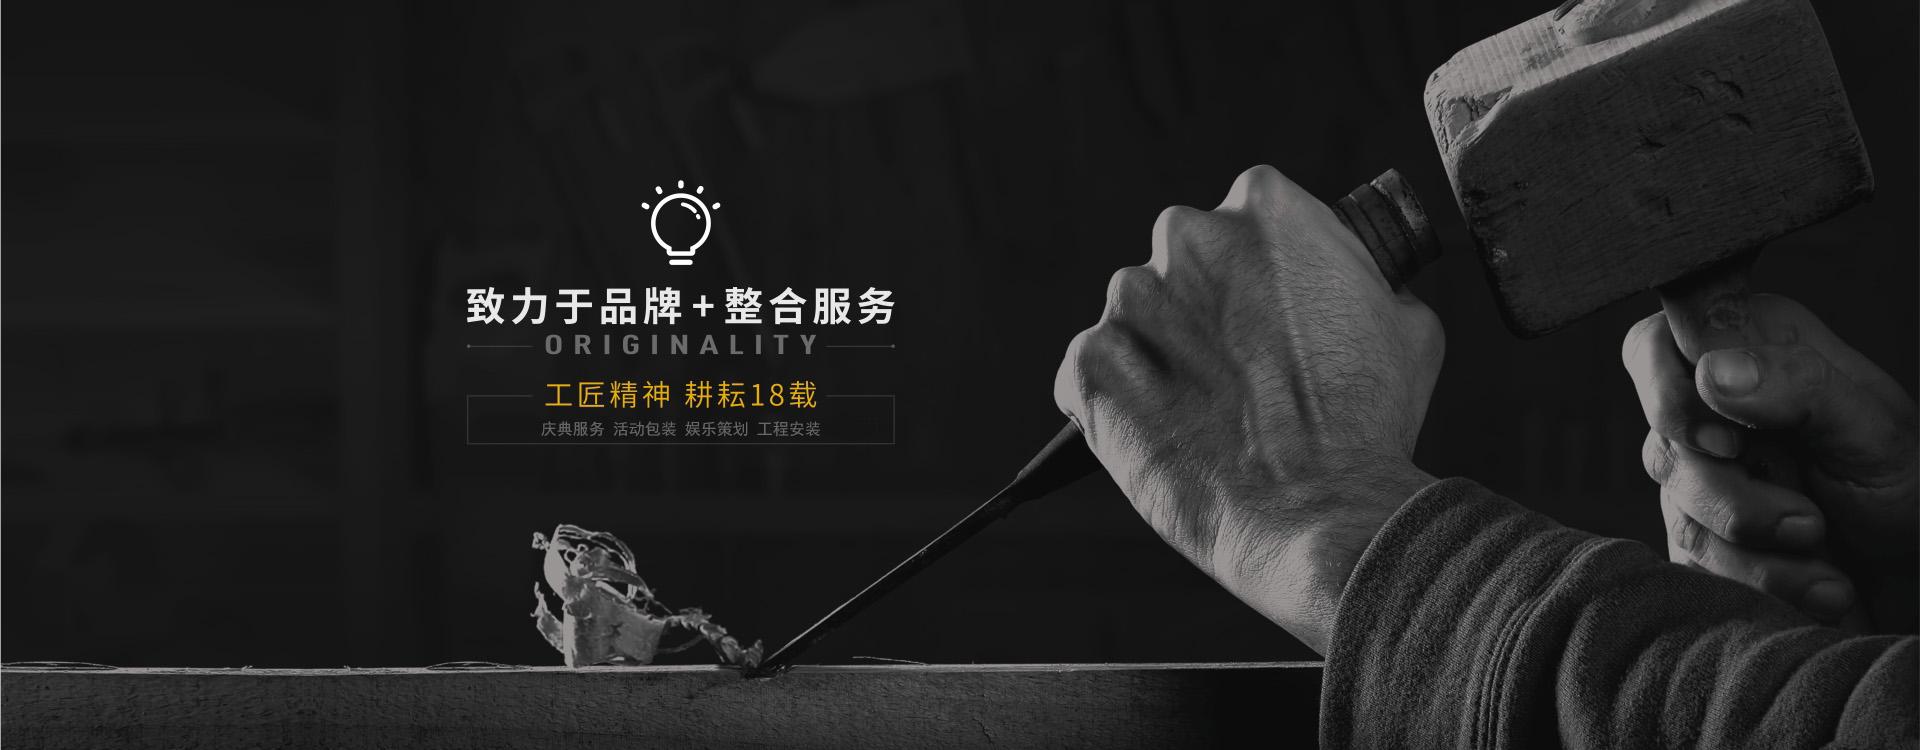 亚搏体育官网网址_亚搏体育官网登录_亚搏体育官网平台登录